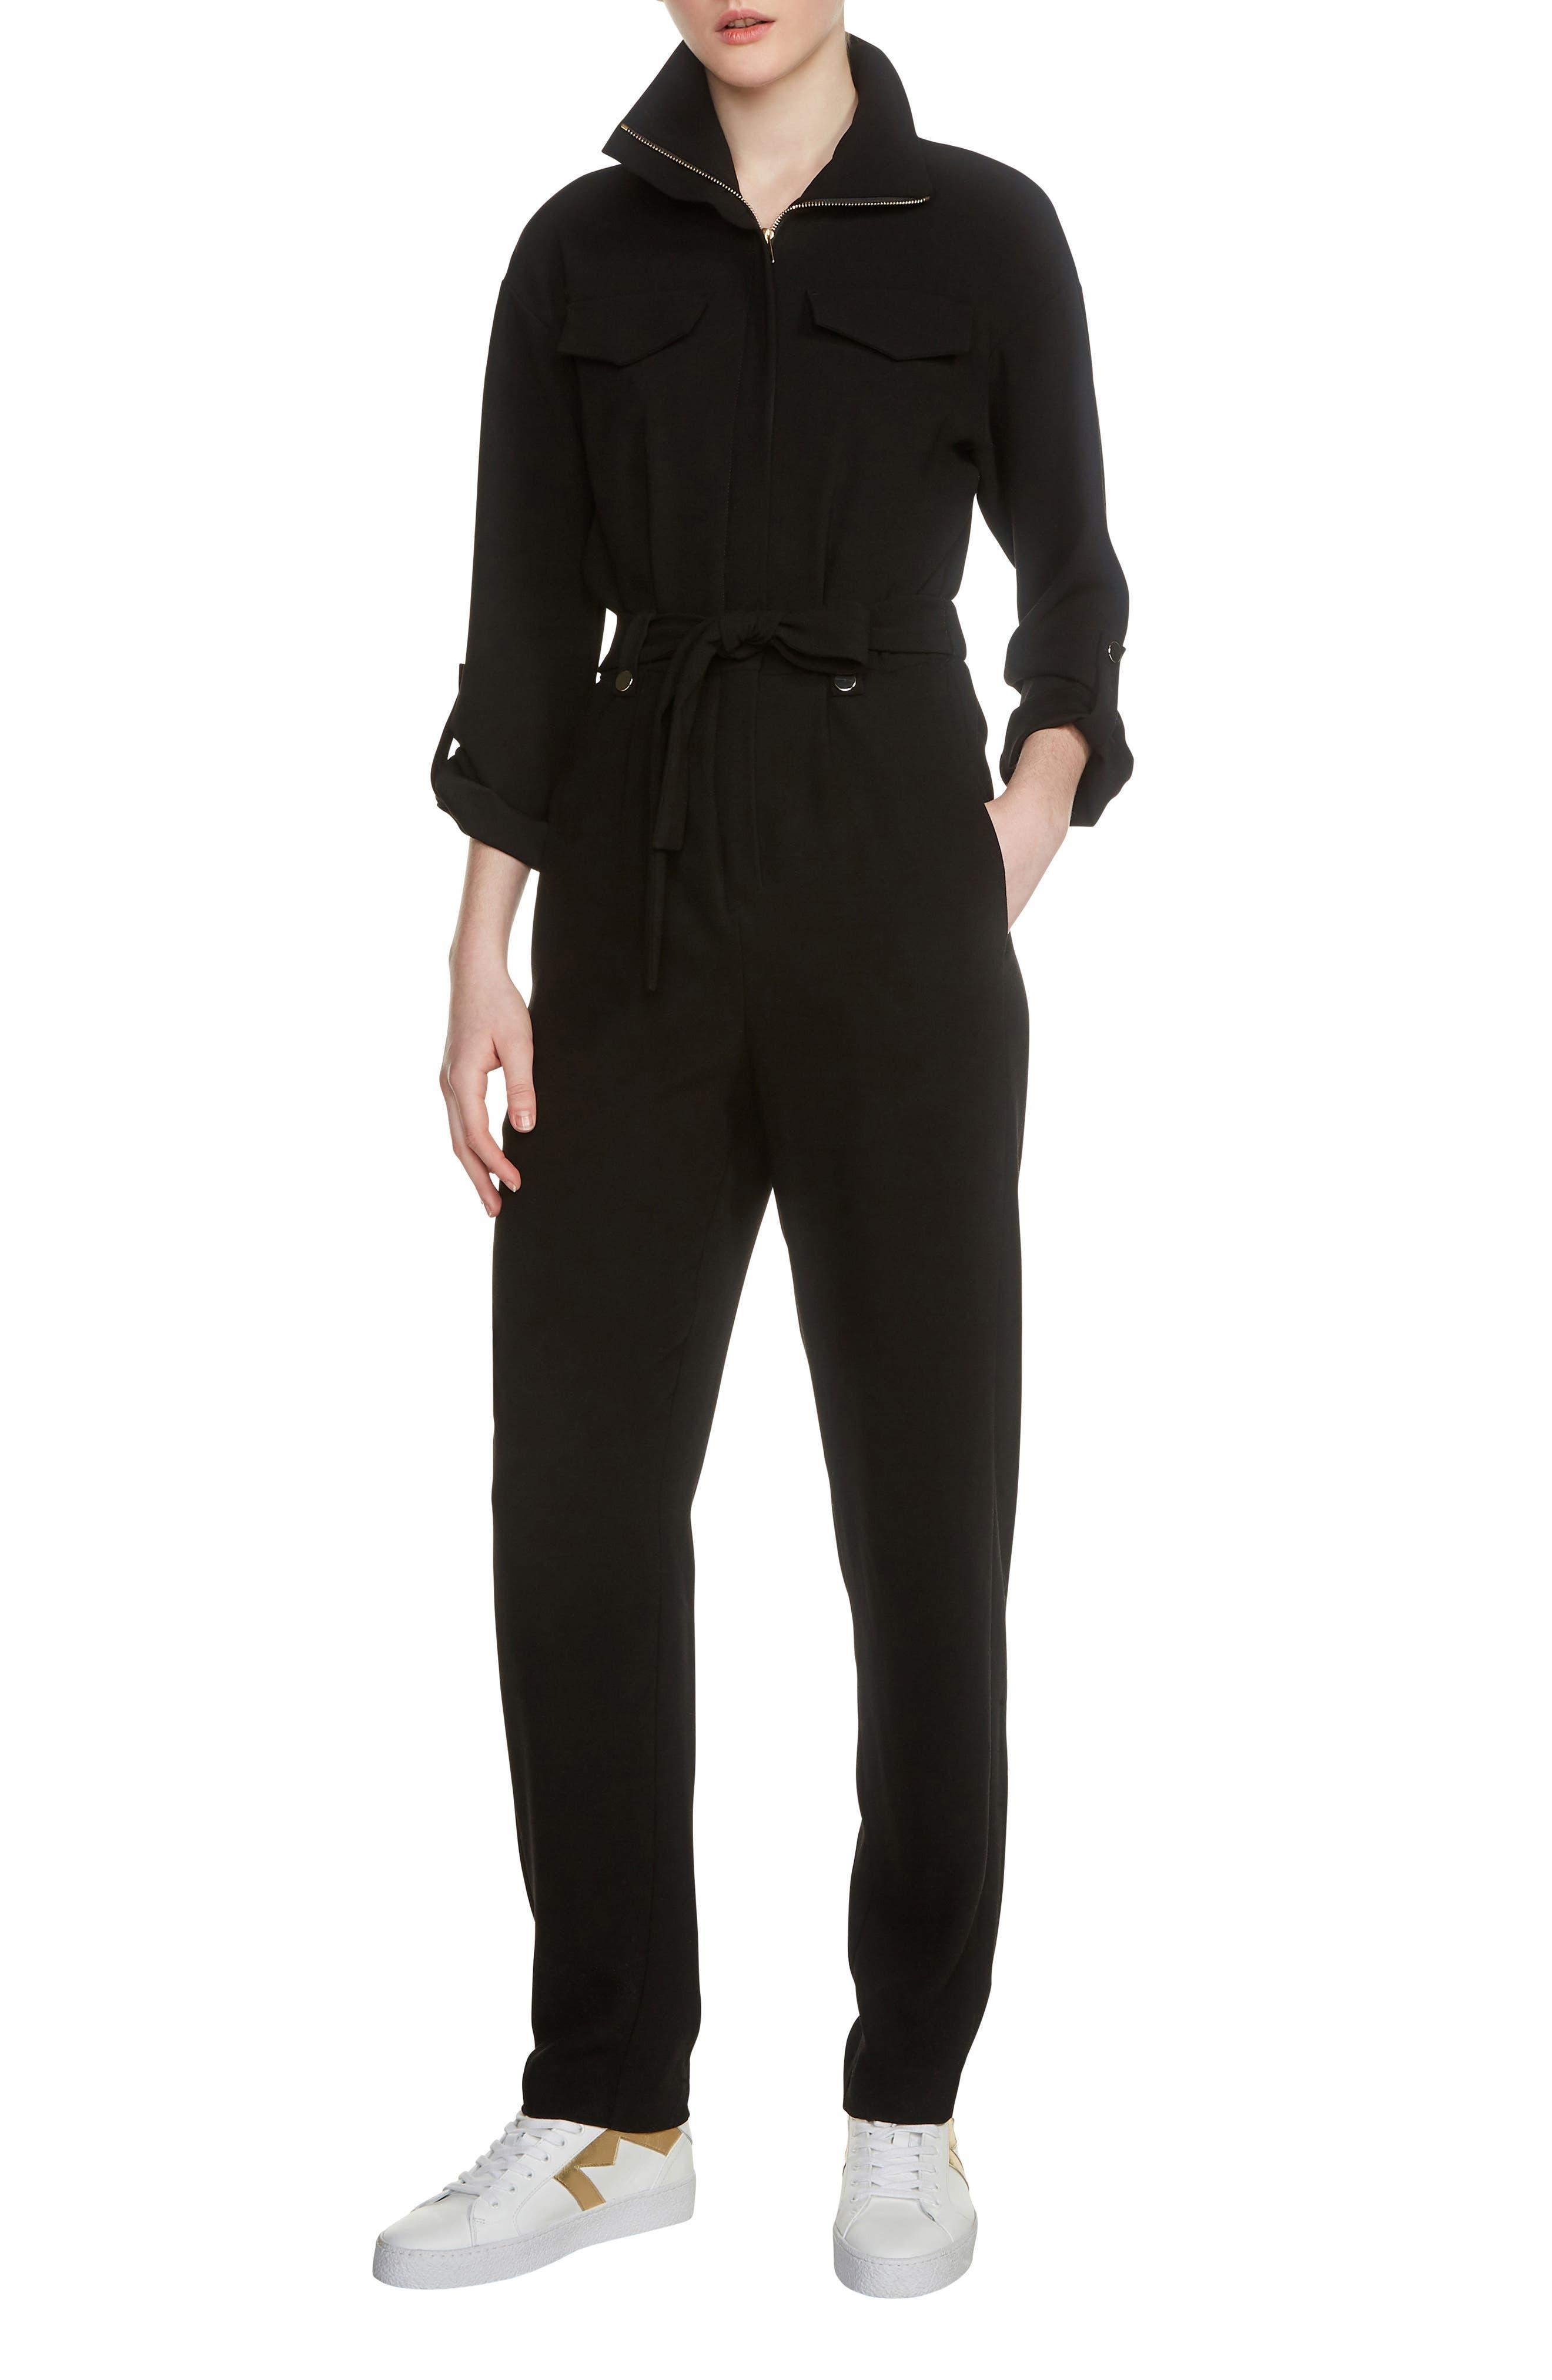 Papritea Jumpsuit,                         Main,                         color, Black 210